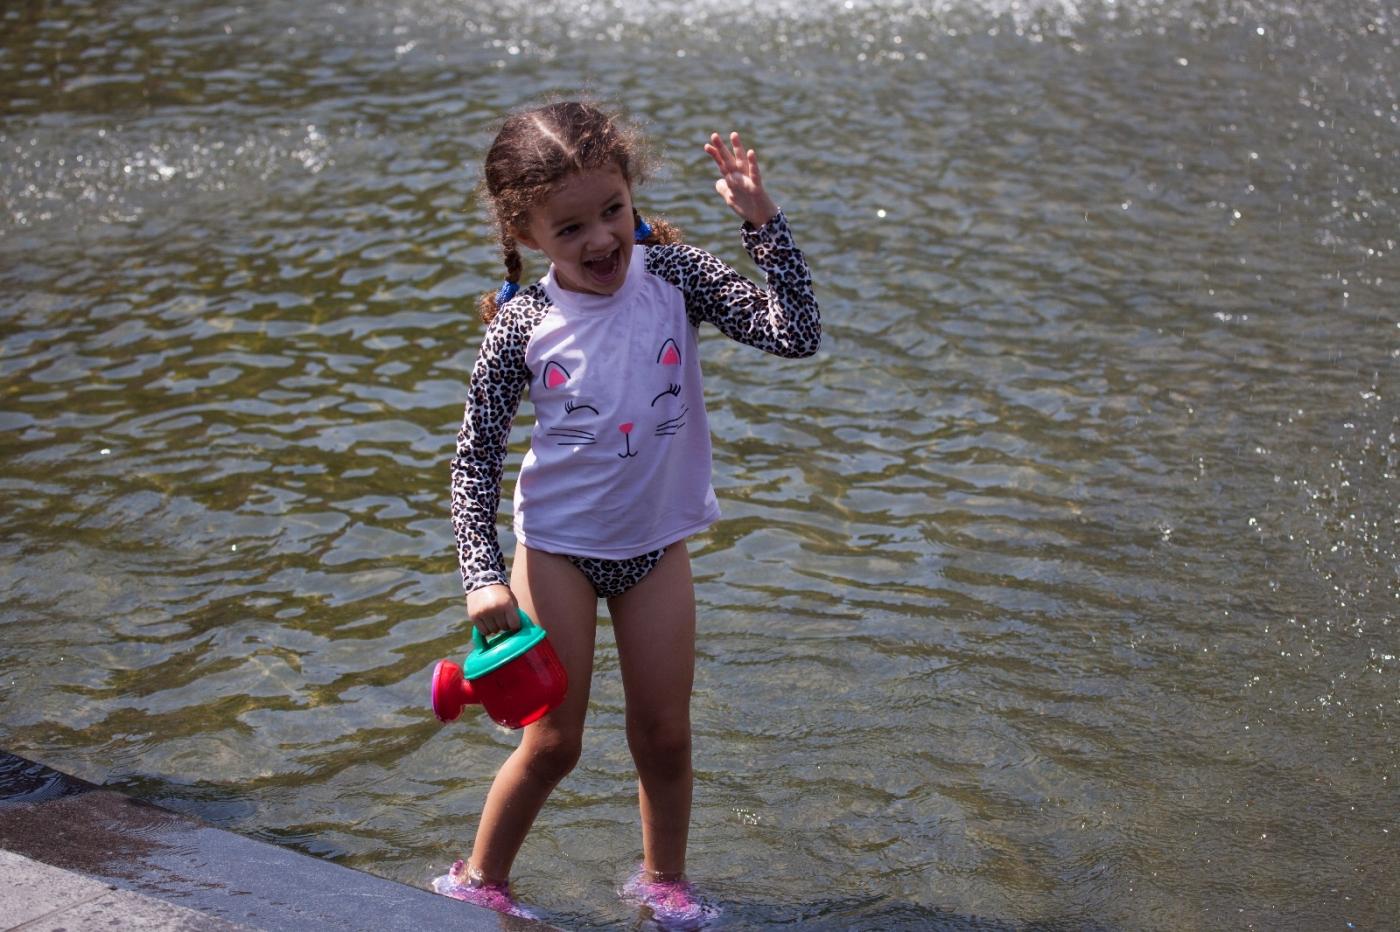 在喷水池中戏水的小孩,天真活泼(摄于纽约华盛顿广场喷水池) ... ... ..._图1-4